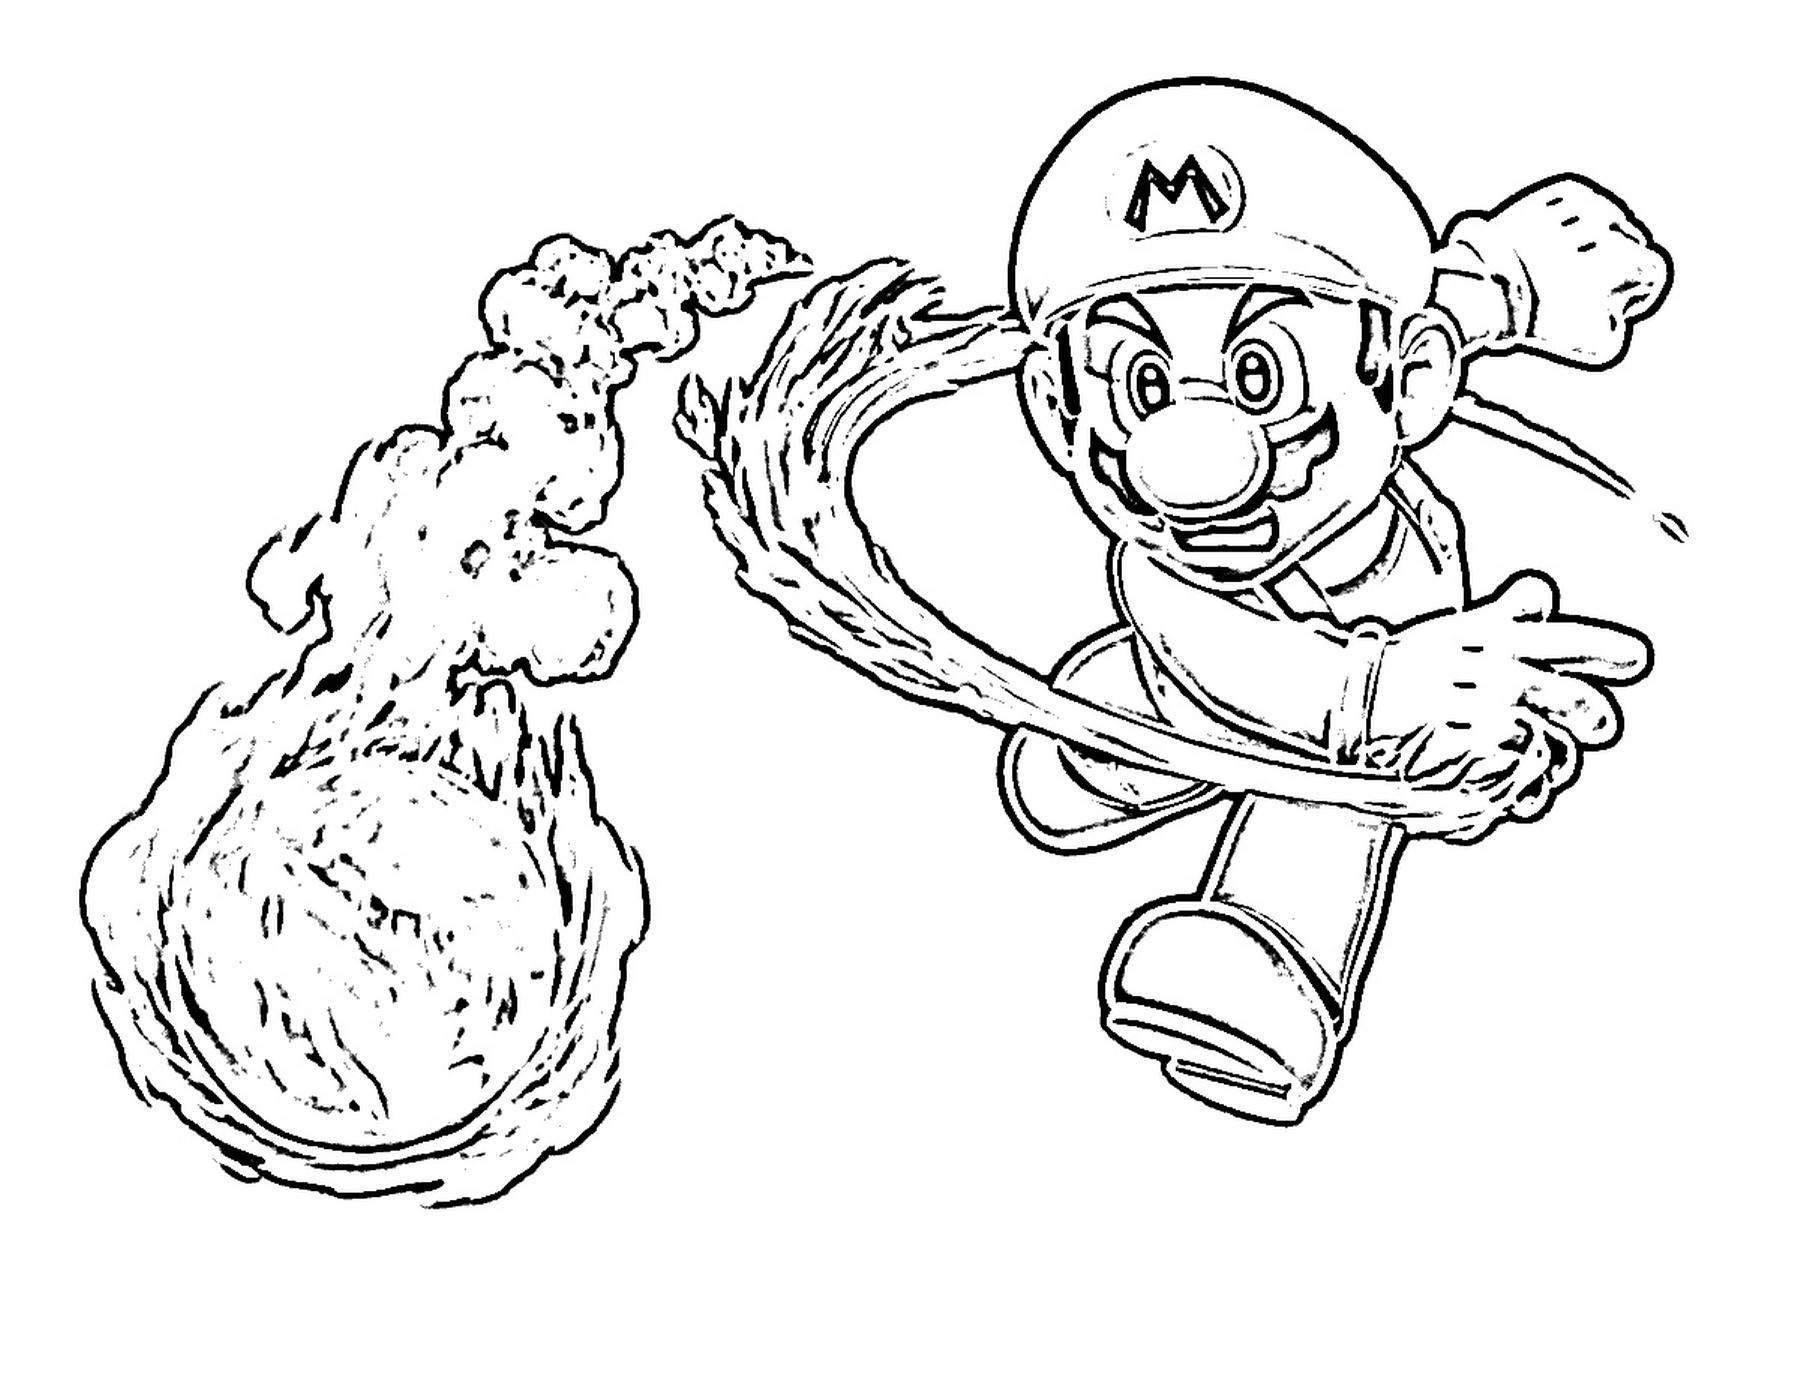 Раскраска Марио в игре Скачать игры, Марио, .  Распечатать ,игры,